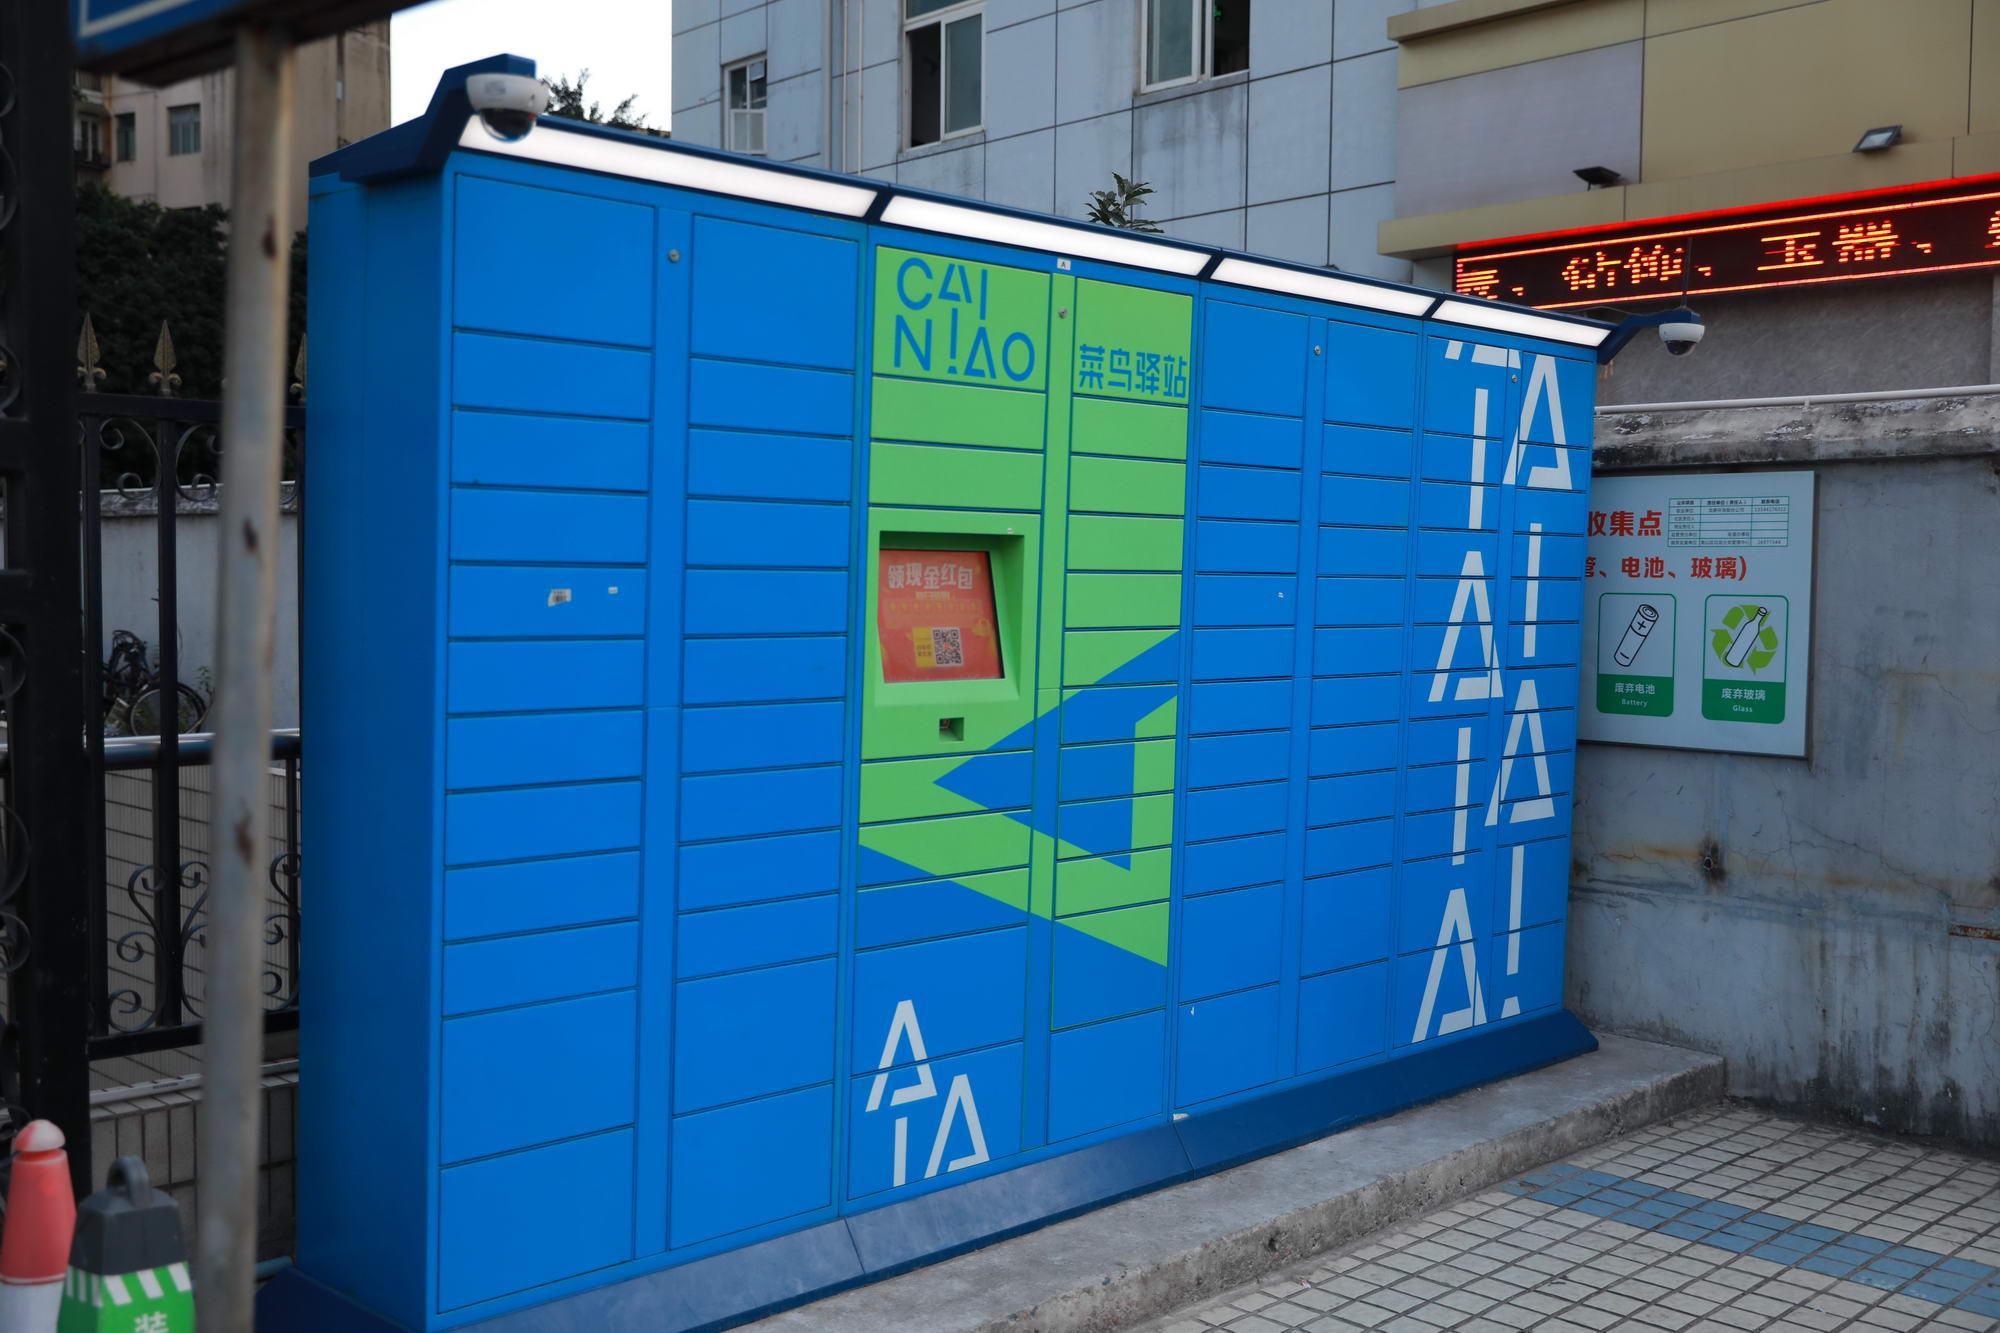 菜鸟裹裹寄件机年内将落地上海5000台 寄件不超1分钟_物流_电商报